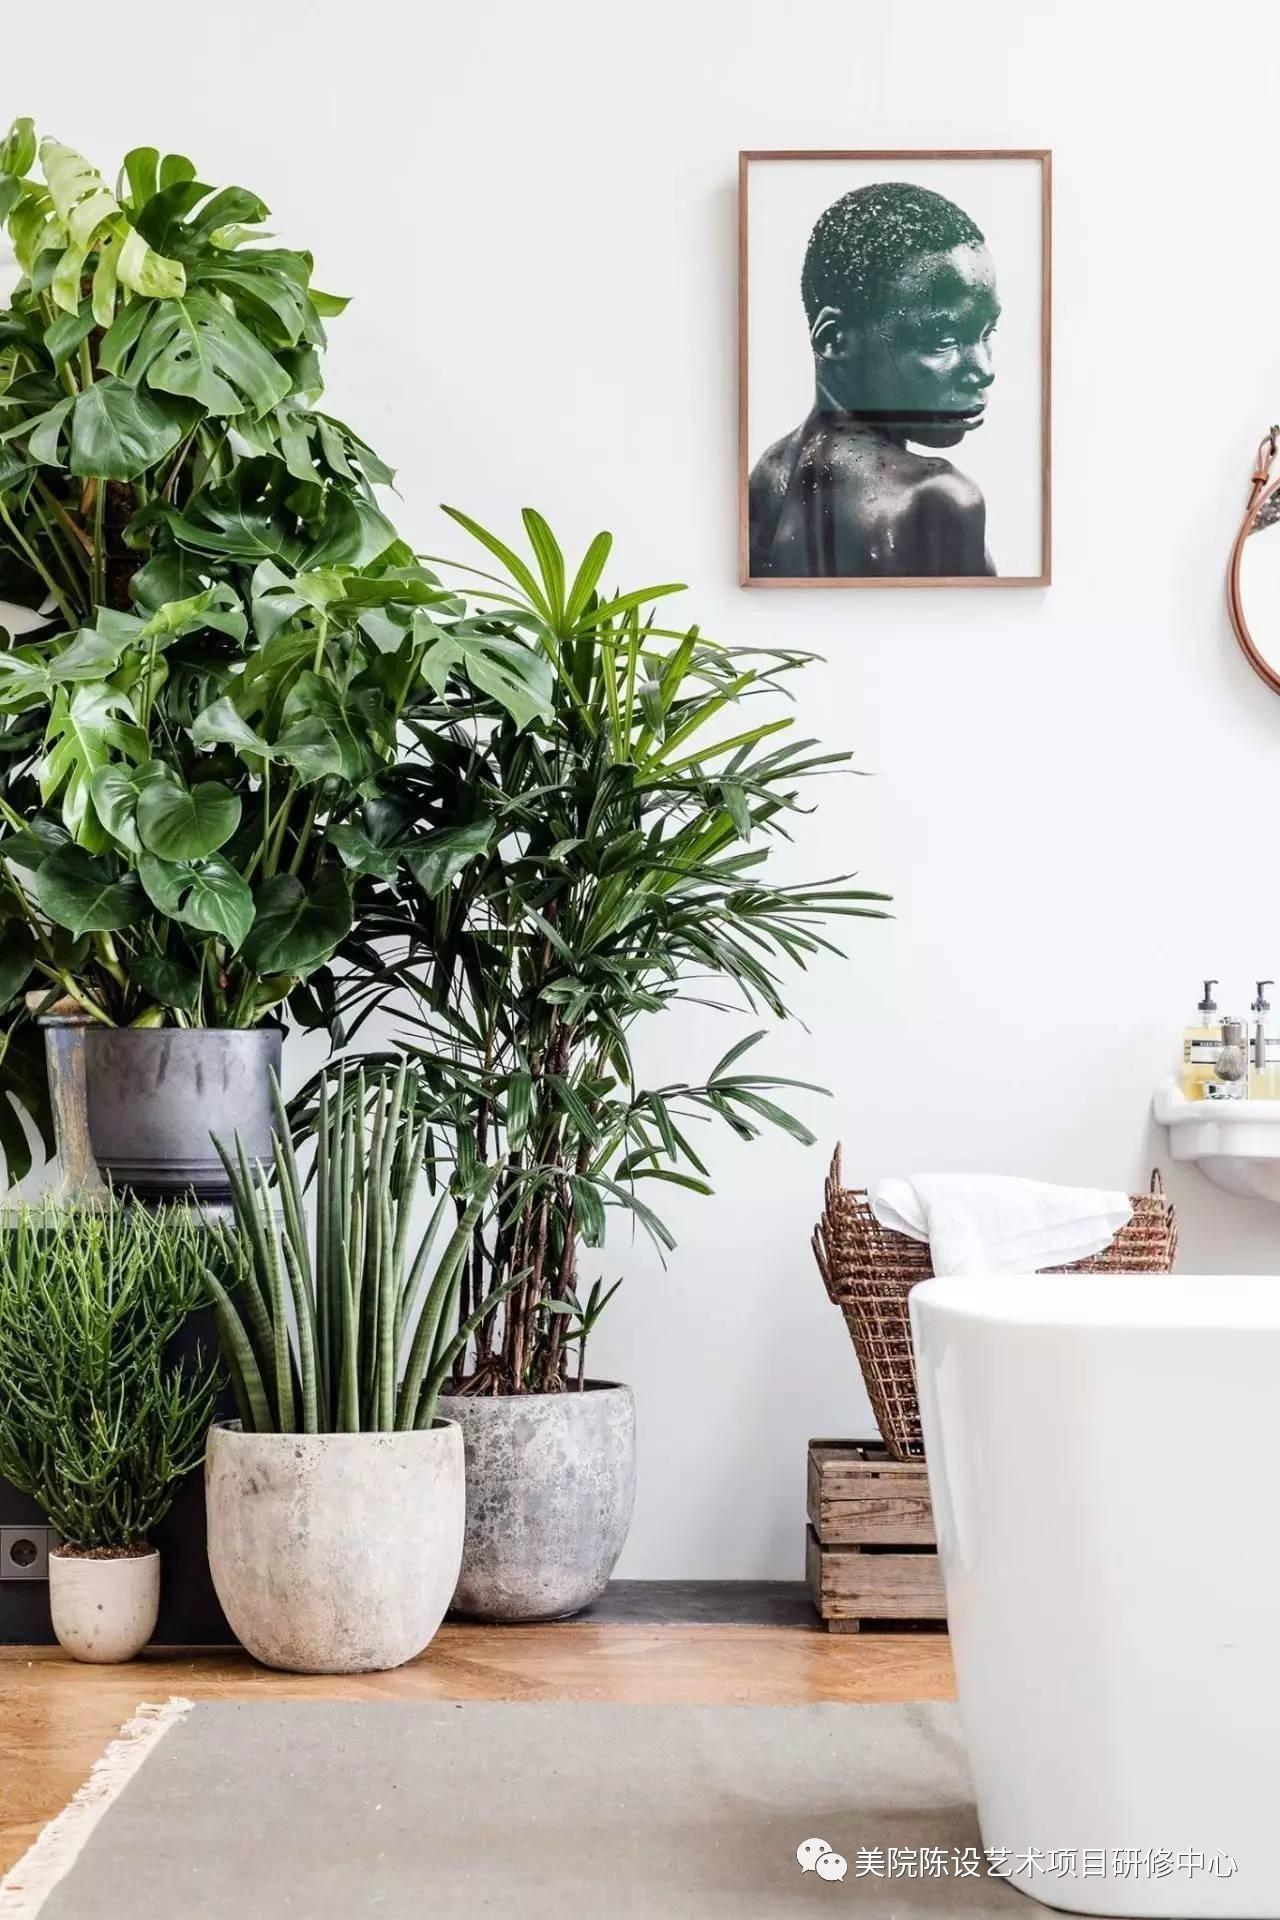 绿植 绿植一直是室内设计的宠儿,因为对大自然的需求是人类最本能的